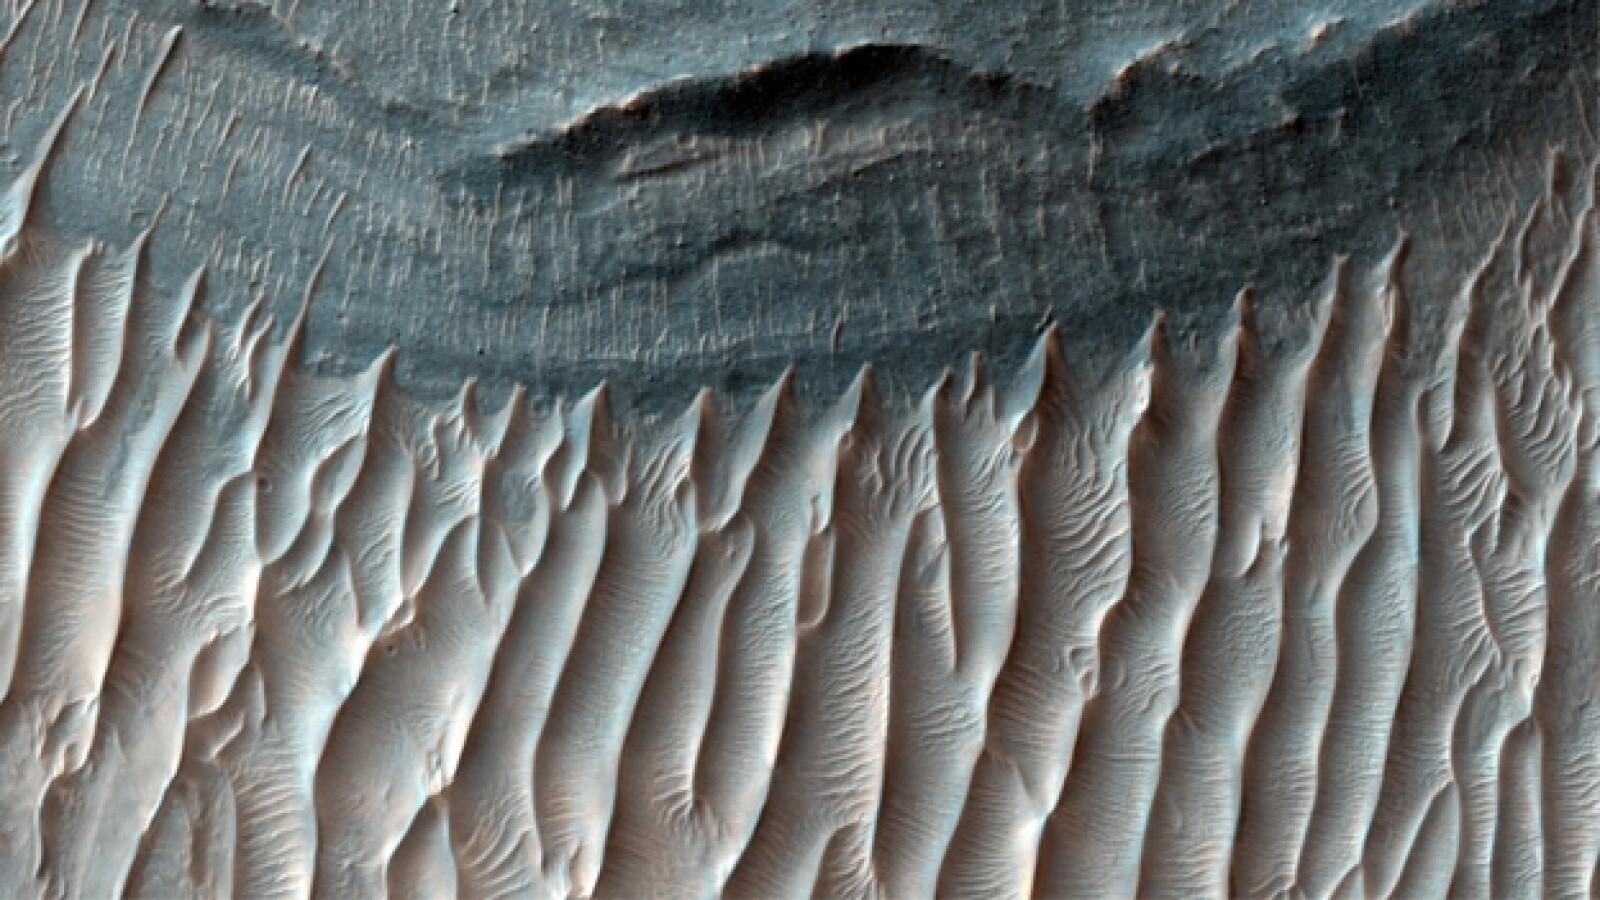 Marte Mars 2008 Chasma ,Valles Marineris